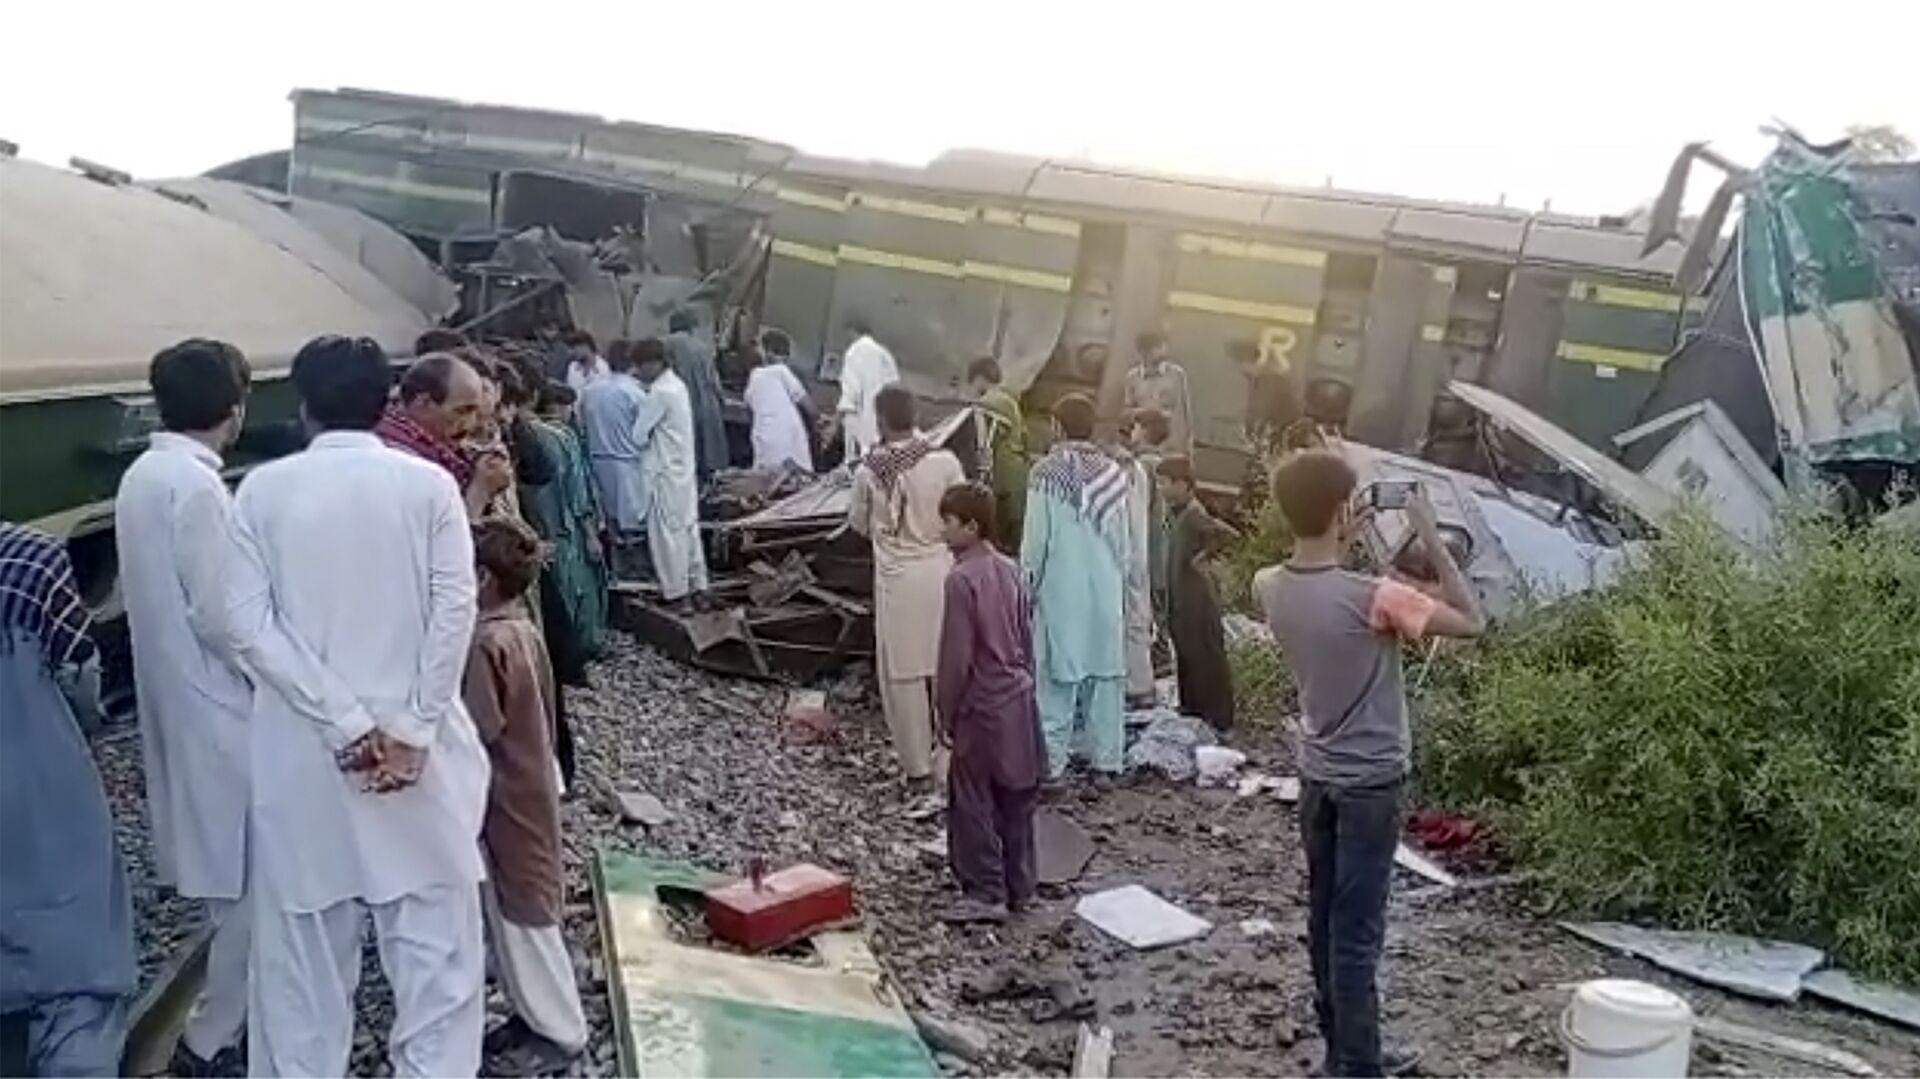 Střetu vlaků v Pákistánu v provincii Sindh - Sputnik Česká republika, 1920, 07.06.2021